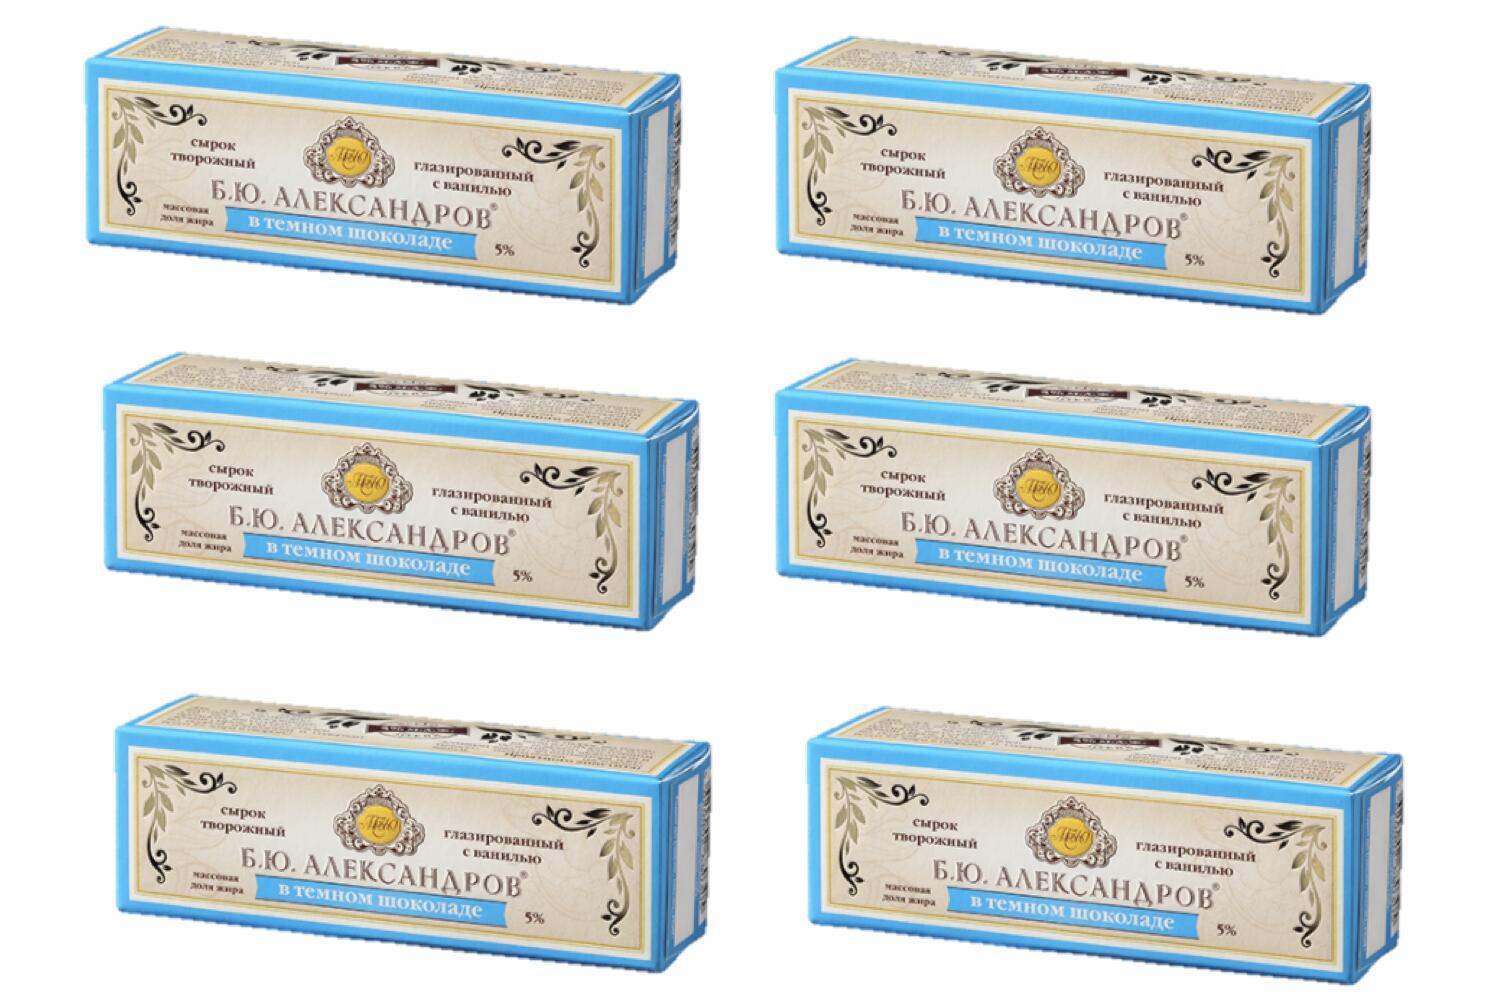 ロシア お土産 チーズバー チョコレート 往復送料無料 カッテージチーズ お返し 正規品スーパーSALE×店内全品キャンペーン 50g ダークチョコ 6個セット 乳脂肪5% プレミアムチーズ